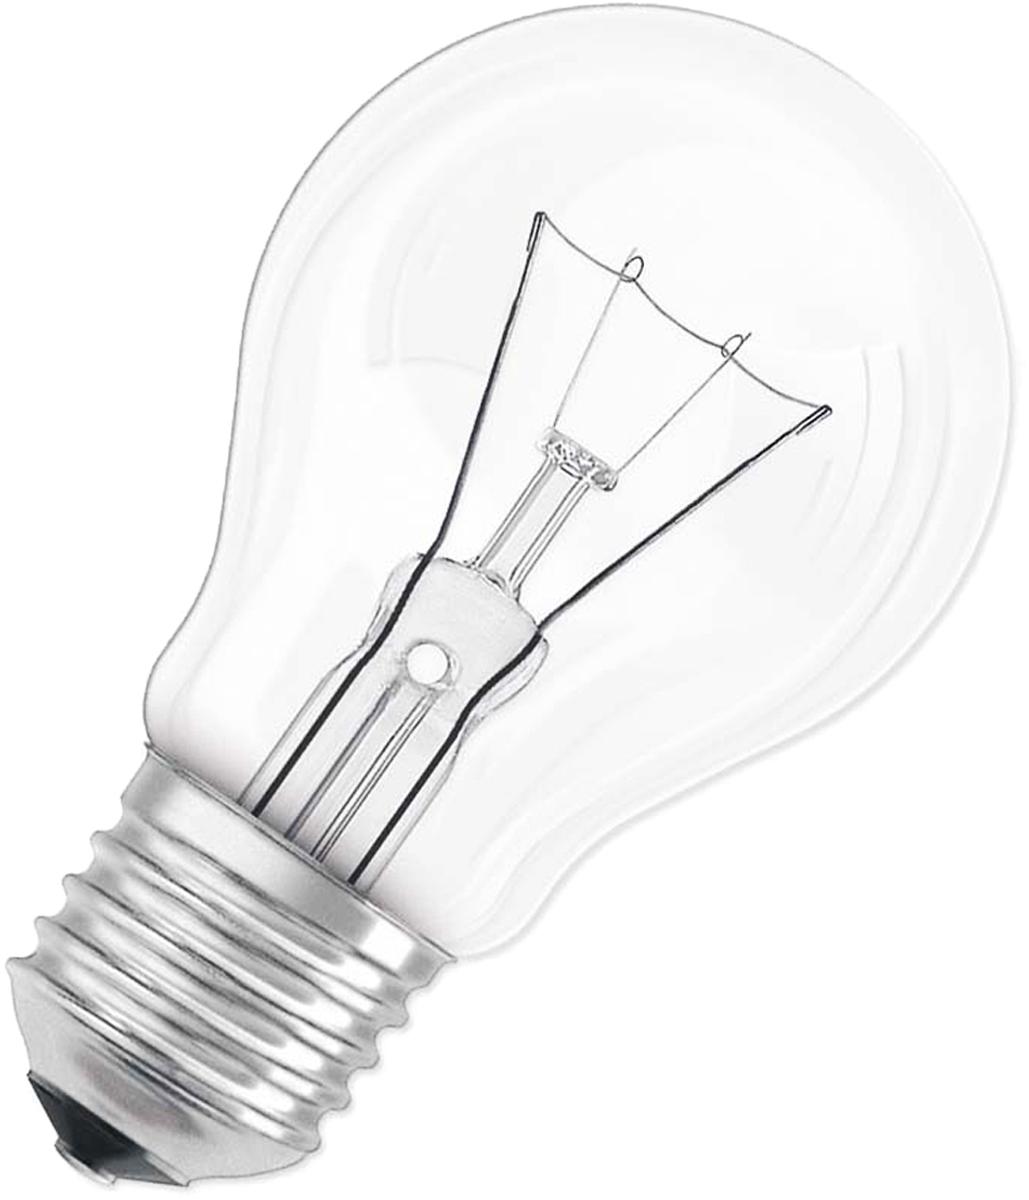 Лампа накаливания Osram Classic A CL 60Вт E27 220-240В 40083216658504008321665850